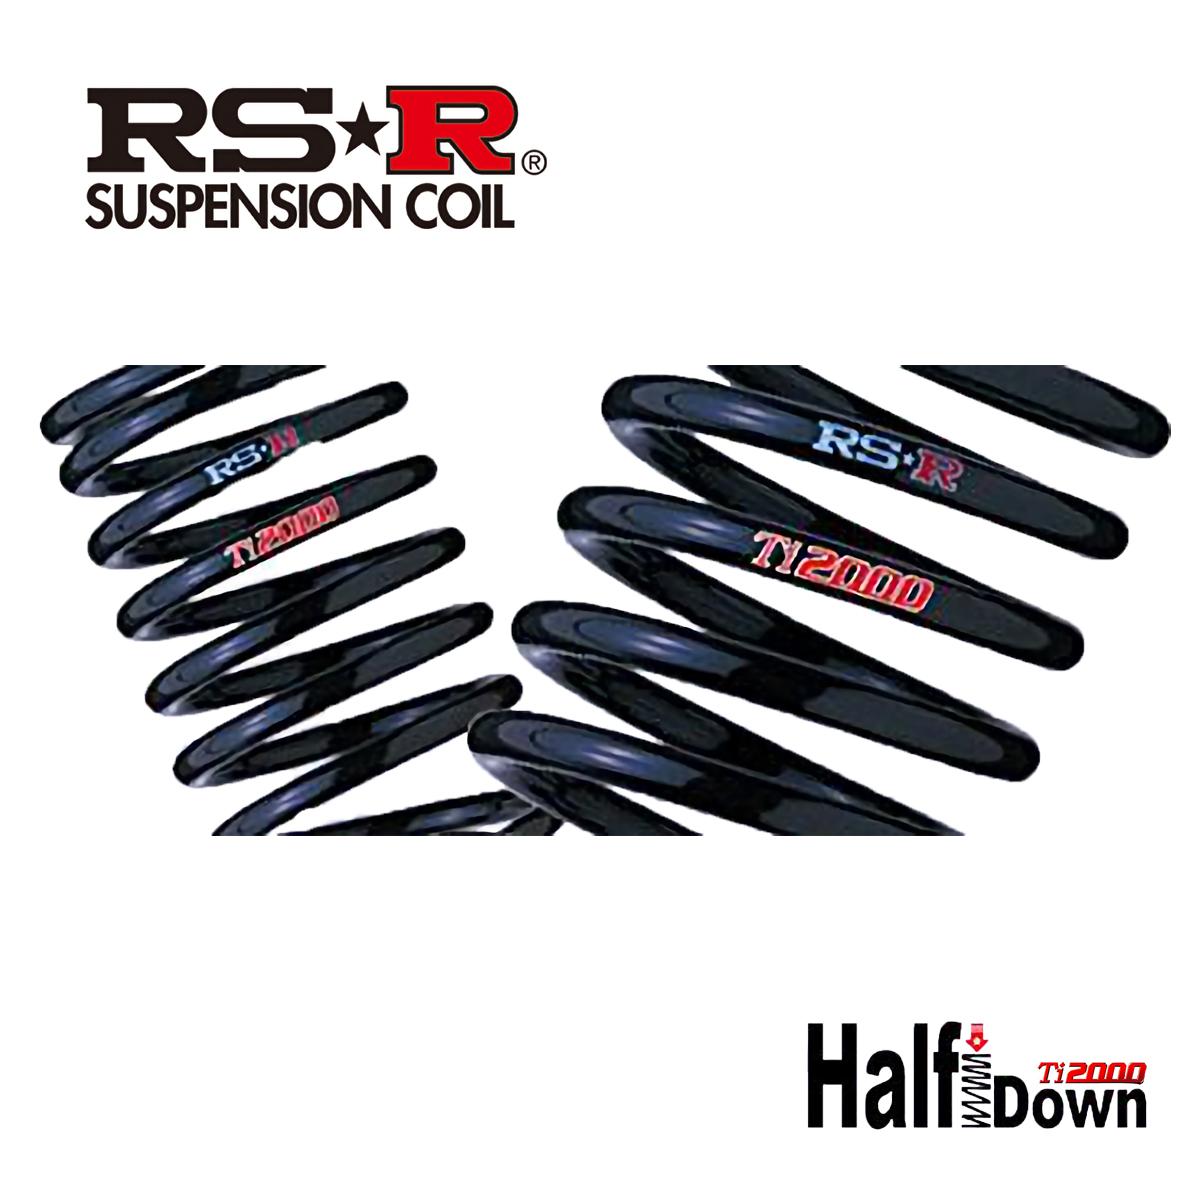 RS-R タンク カスタムG-T M900A ダウンサス スプリング 1台分 T513THD Ti2000 ハーフダウン RSR 個人宅発送追金有